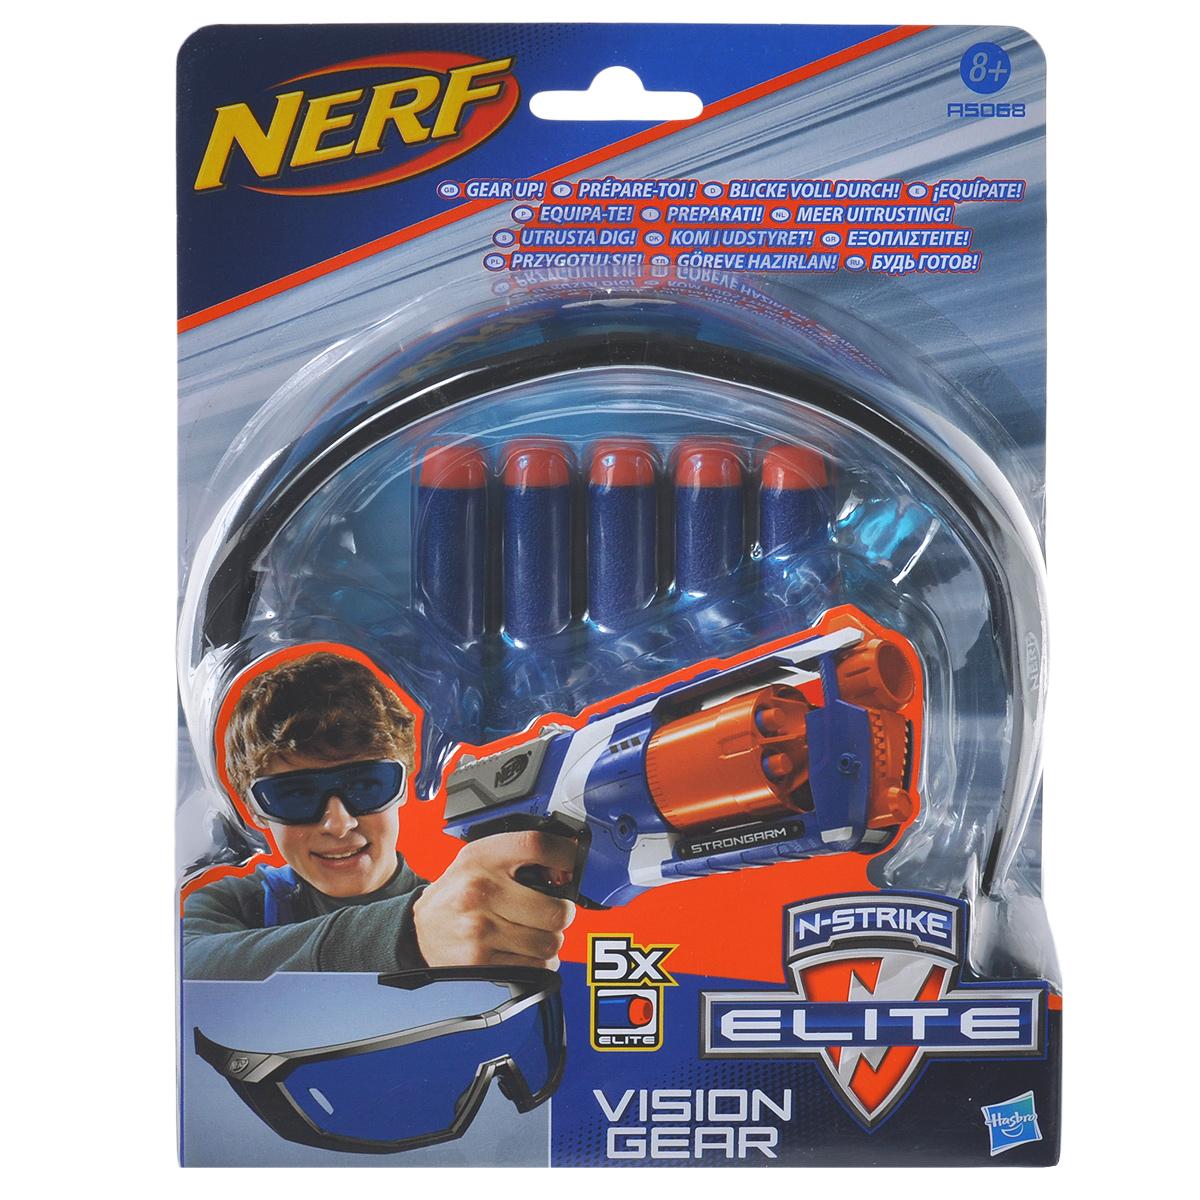 Игровой набор Nerf N-Strike Elite, 6 предметовA5068E24Игровой набор Nerf N-Strike Elite, состоящий из специальных защитных очков и пяти стрел для всех бластеров линейки N-Strike Elite, придется по душе вашему юному агенту. Очки выполнены из пластика в стильном дизайне, а стрелы - из гибкого вспененного полимера и мягкого пластика, абсолютно безопасного для ребенка. Ваш ребенок с удовольствием будет играть с таким набором, придумывая различные истории и представляя себя настоящим спецагентом.